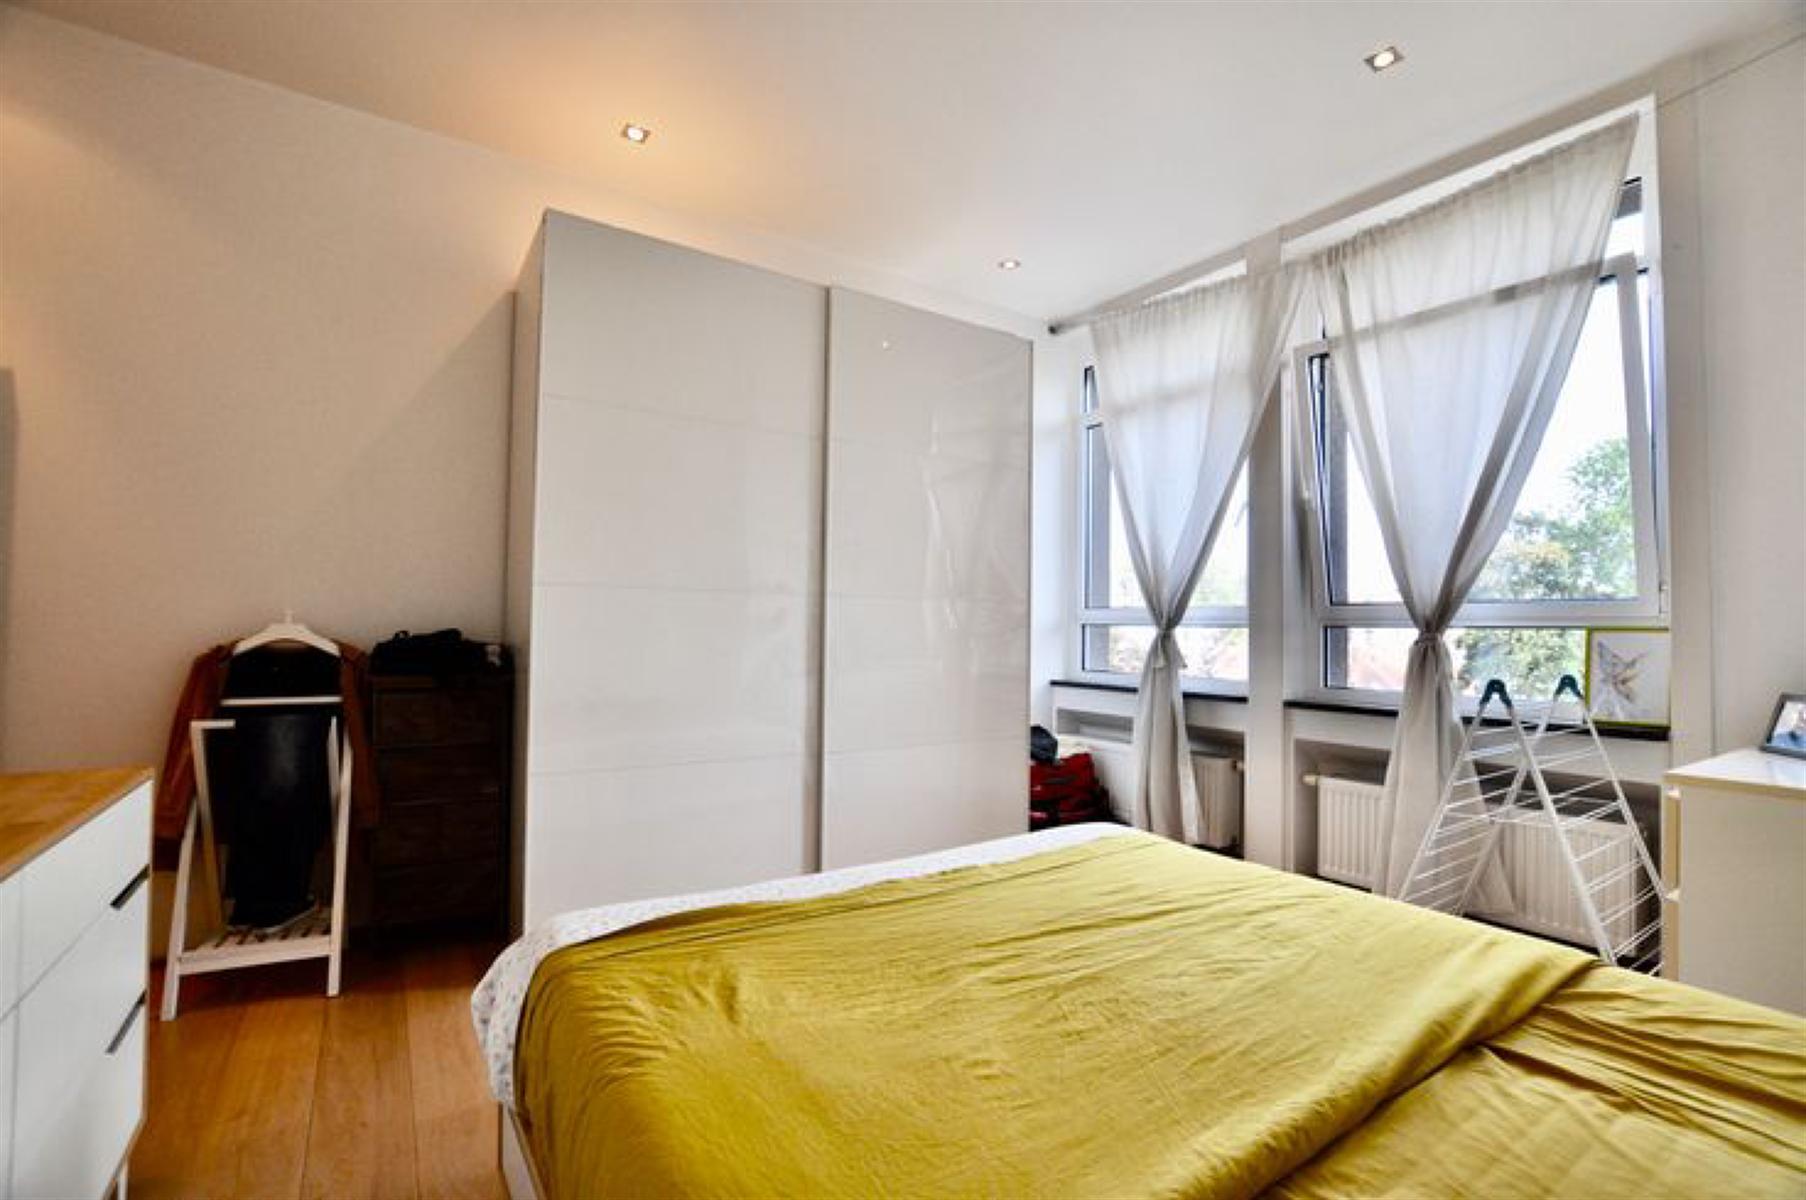 Appartement - Ixelles - #4530047-5